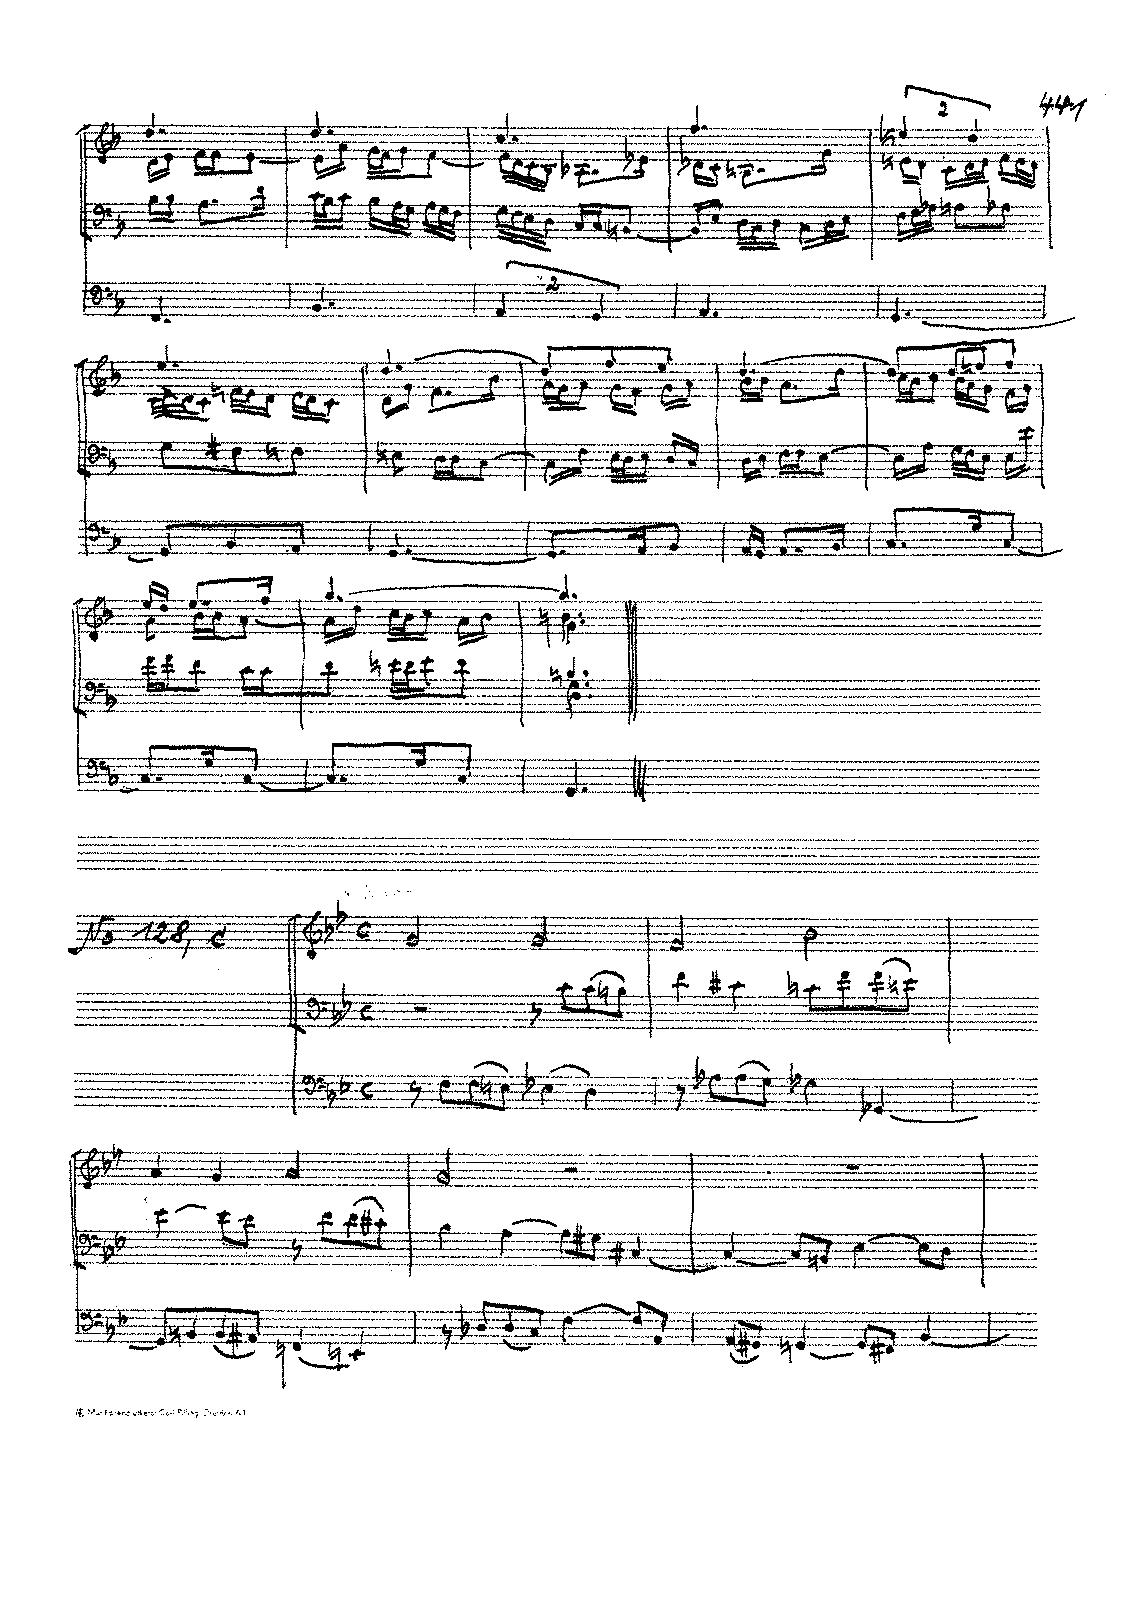 Nun komm, der Heiden Heiland III (Collum, Herbert) - IMSLP/Petrucci